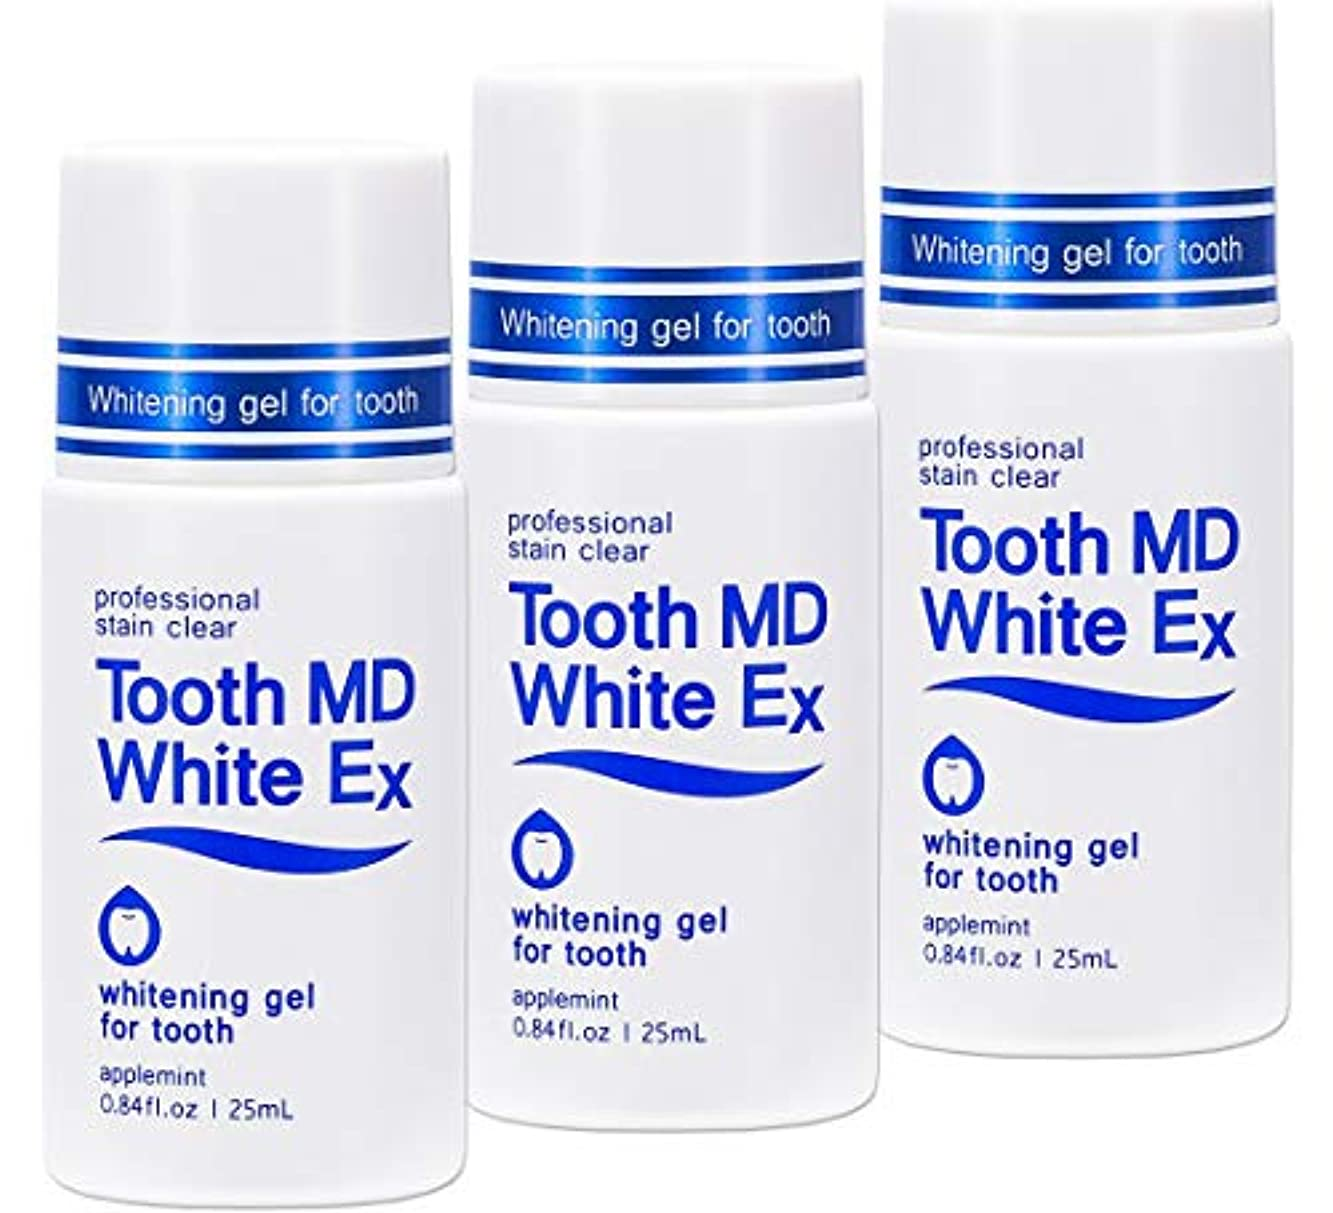 主張する見捨てる病トゥースMDホワイトEX 3個セット[歯のホワイトニング]